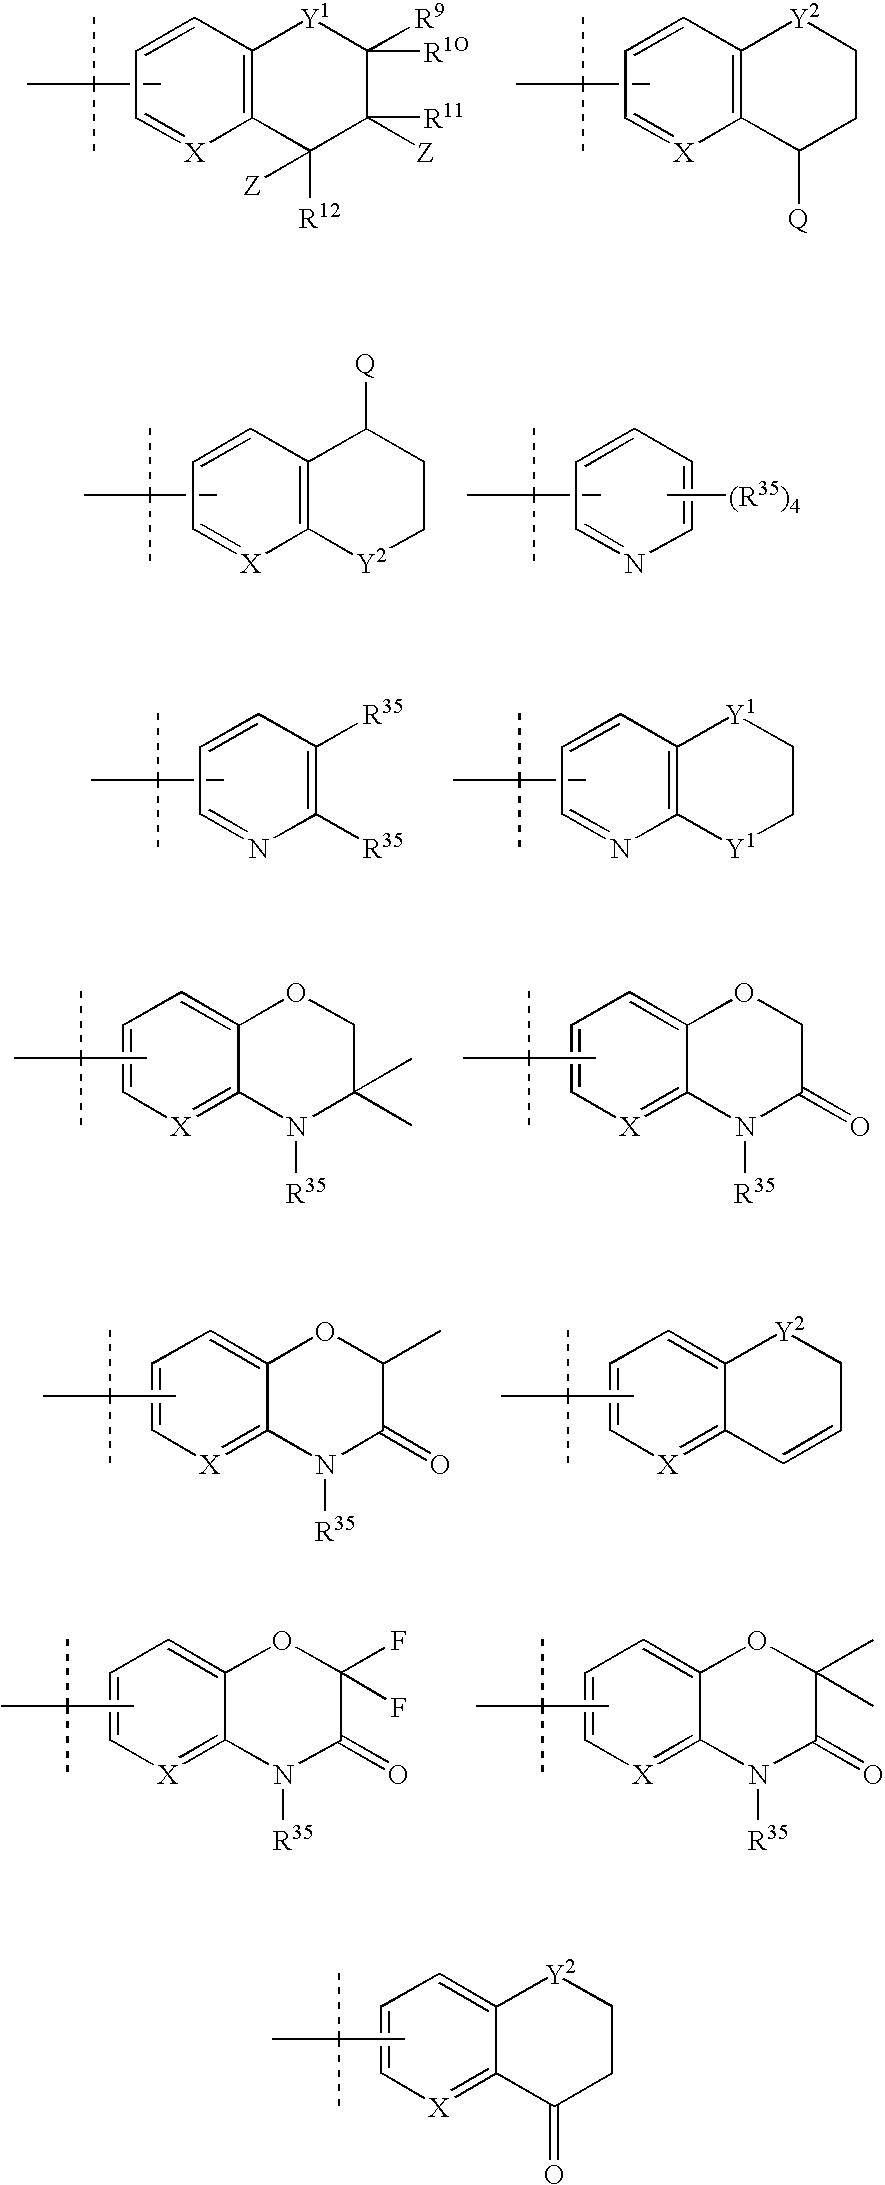 Figure US07485724-20090203-C00016